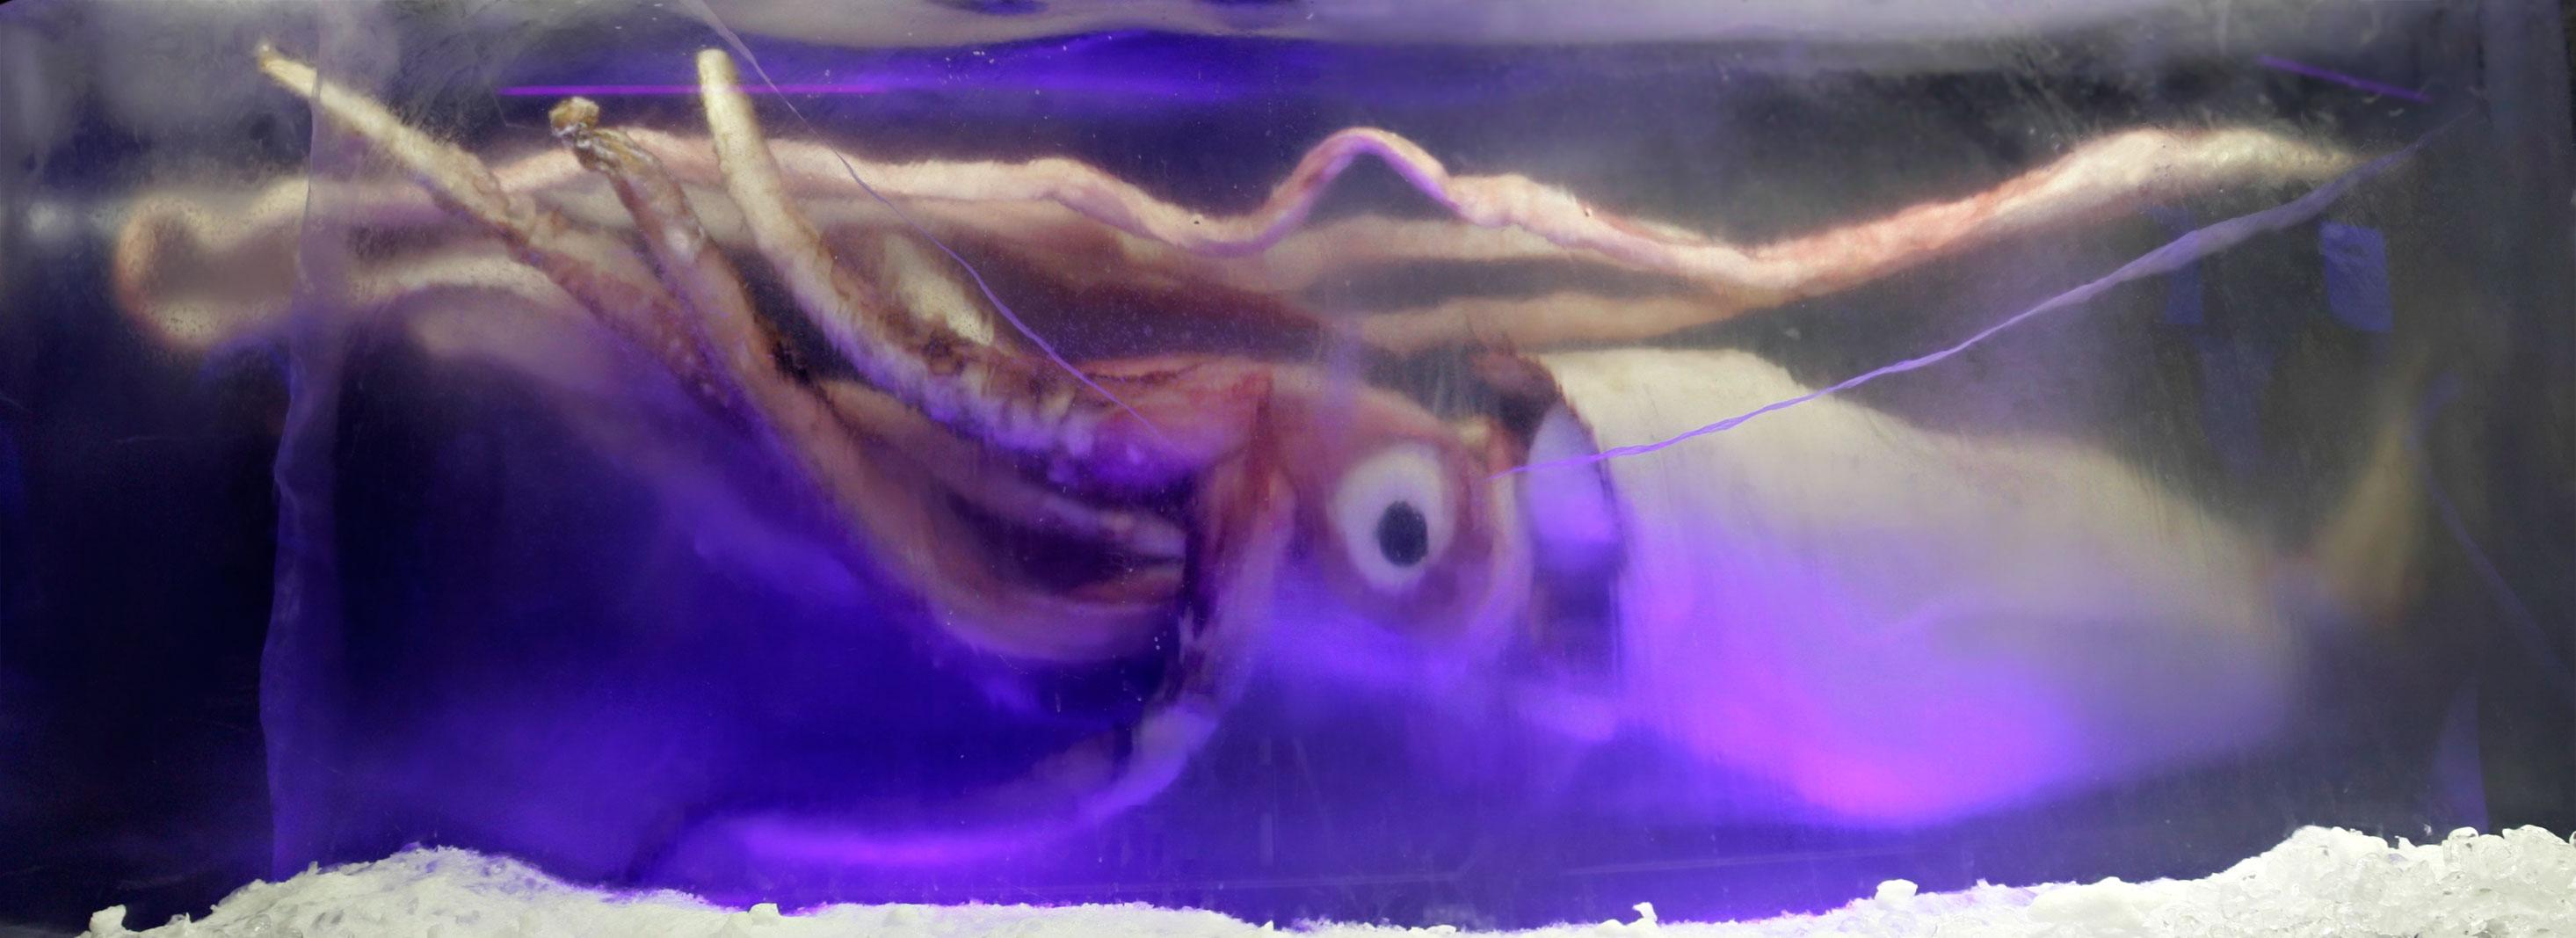 Giant_squid_melb_aquarium03.jpg